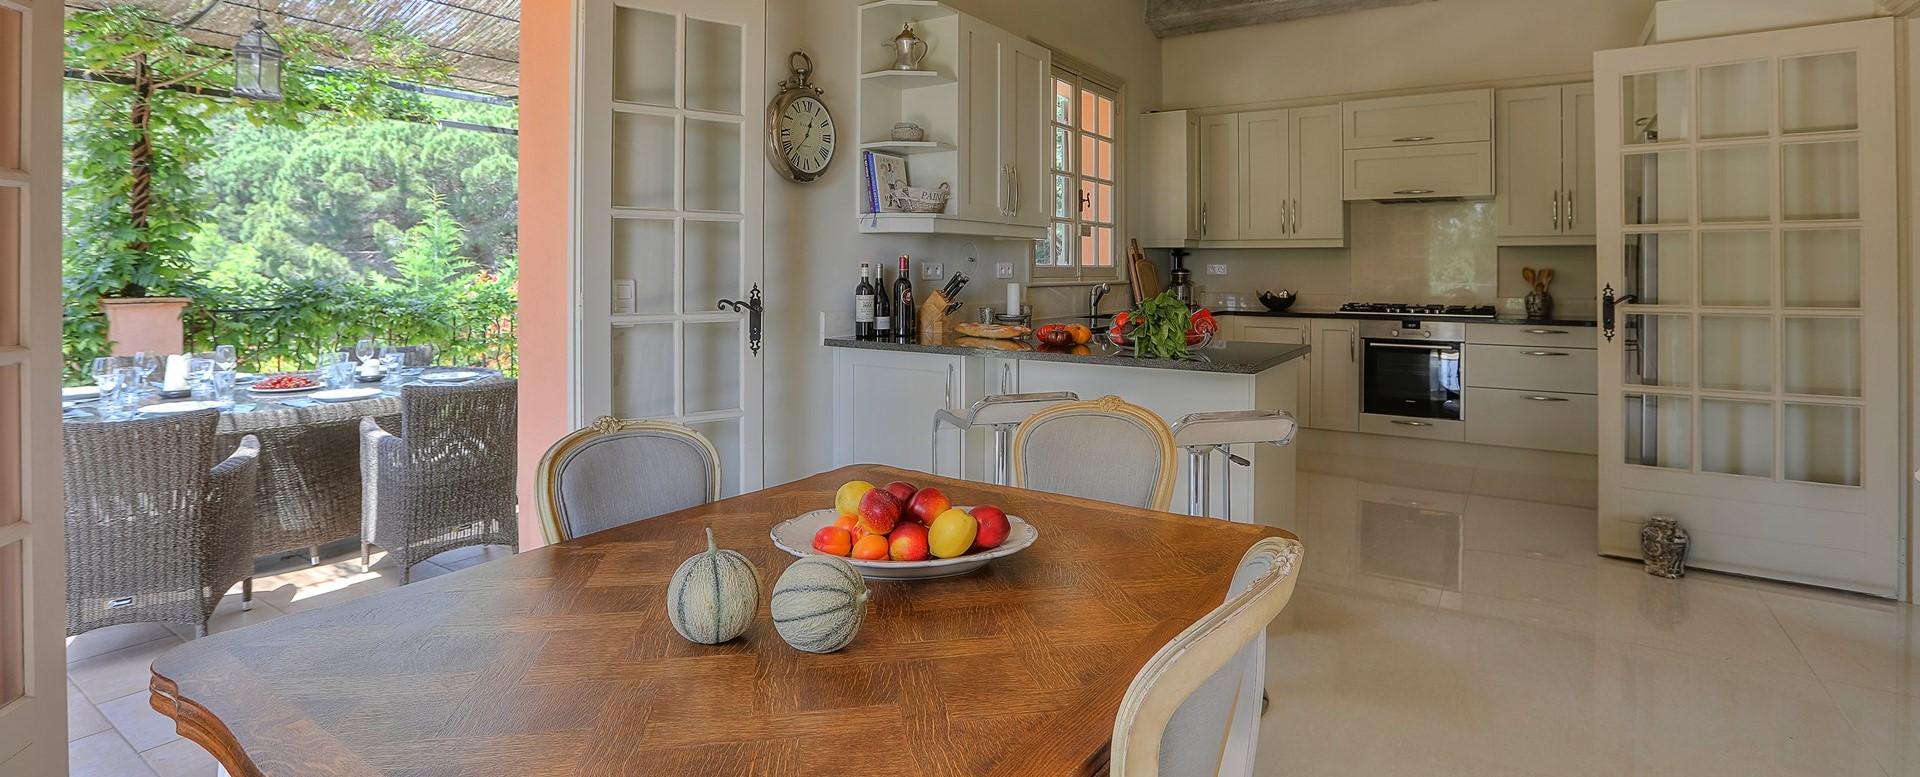 villa-gigaro-cote-d-azur-kitchen